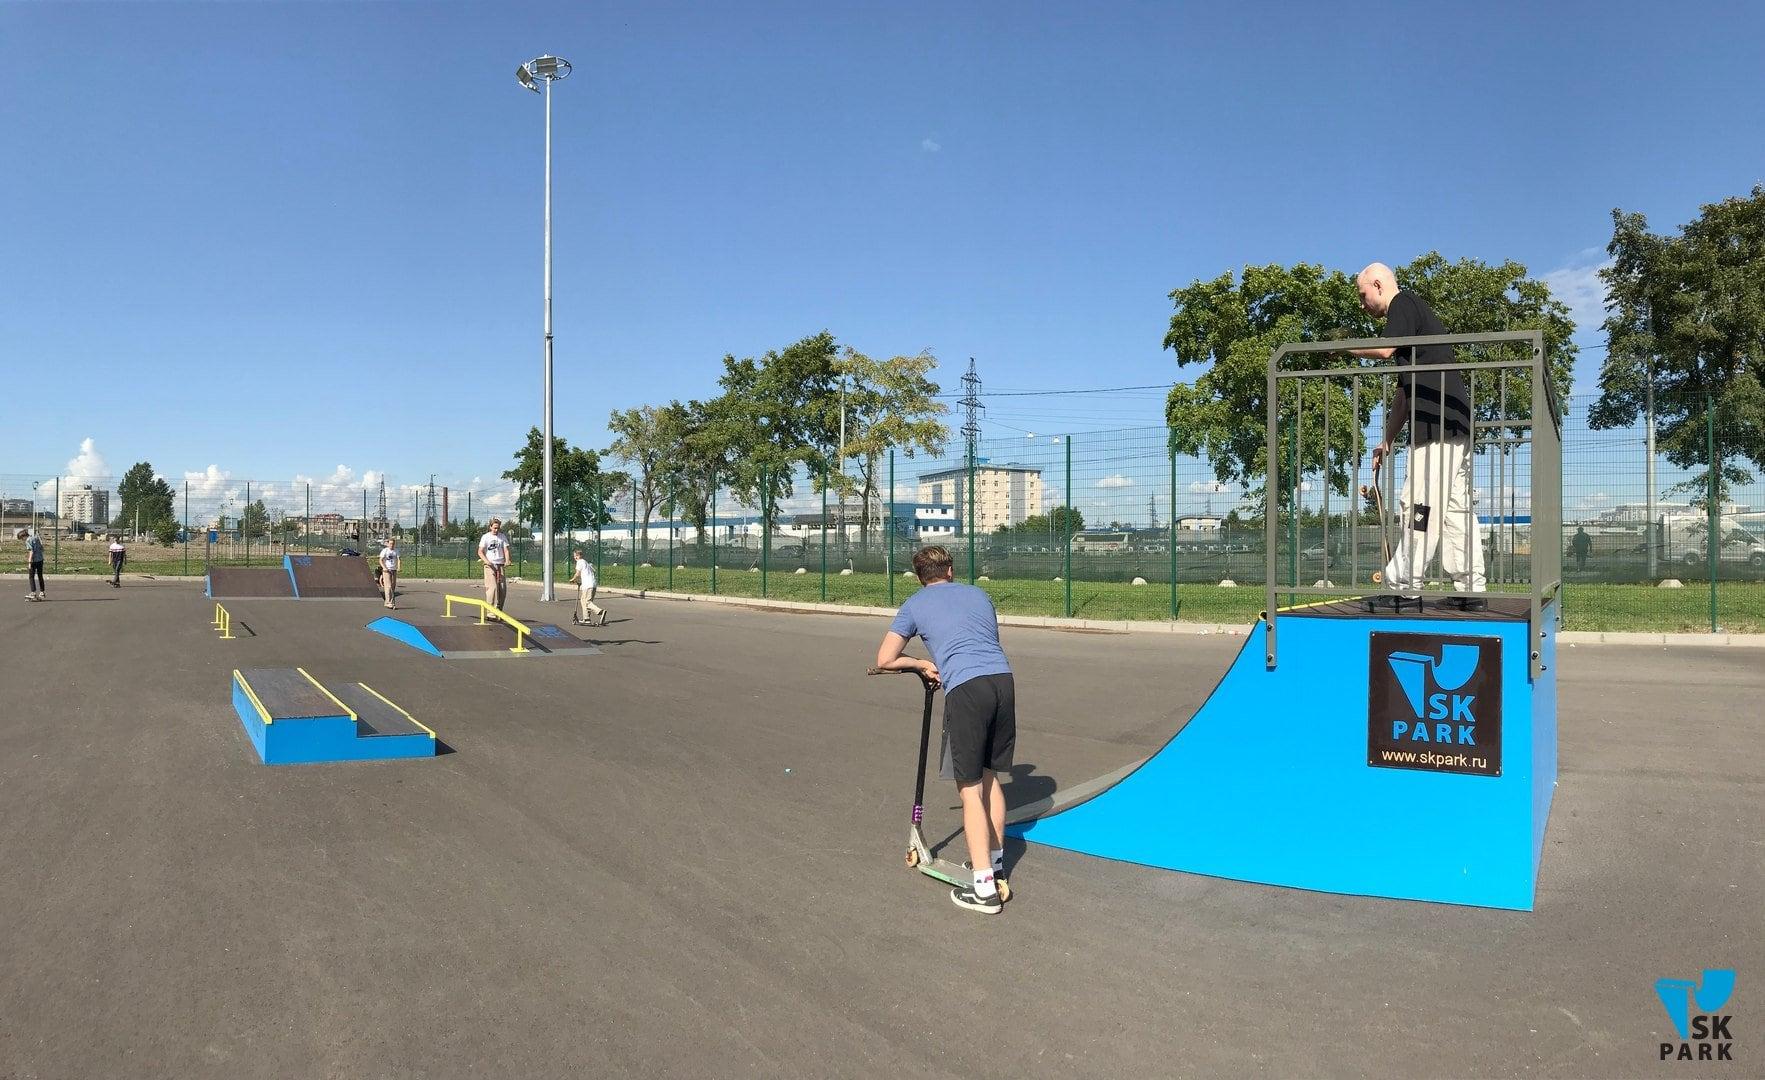 Мультфункциональный скейт парк в Санкт Петербурге / Skate park in St. Petersburg by SK PARK